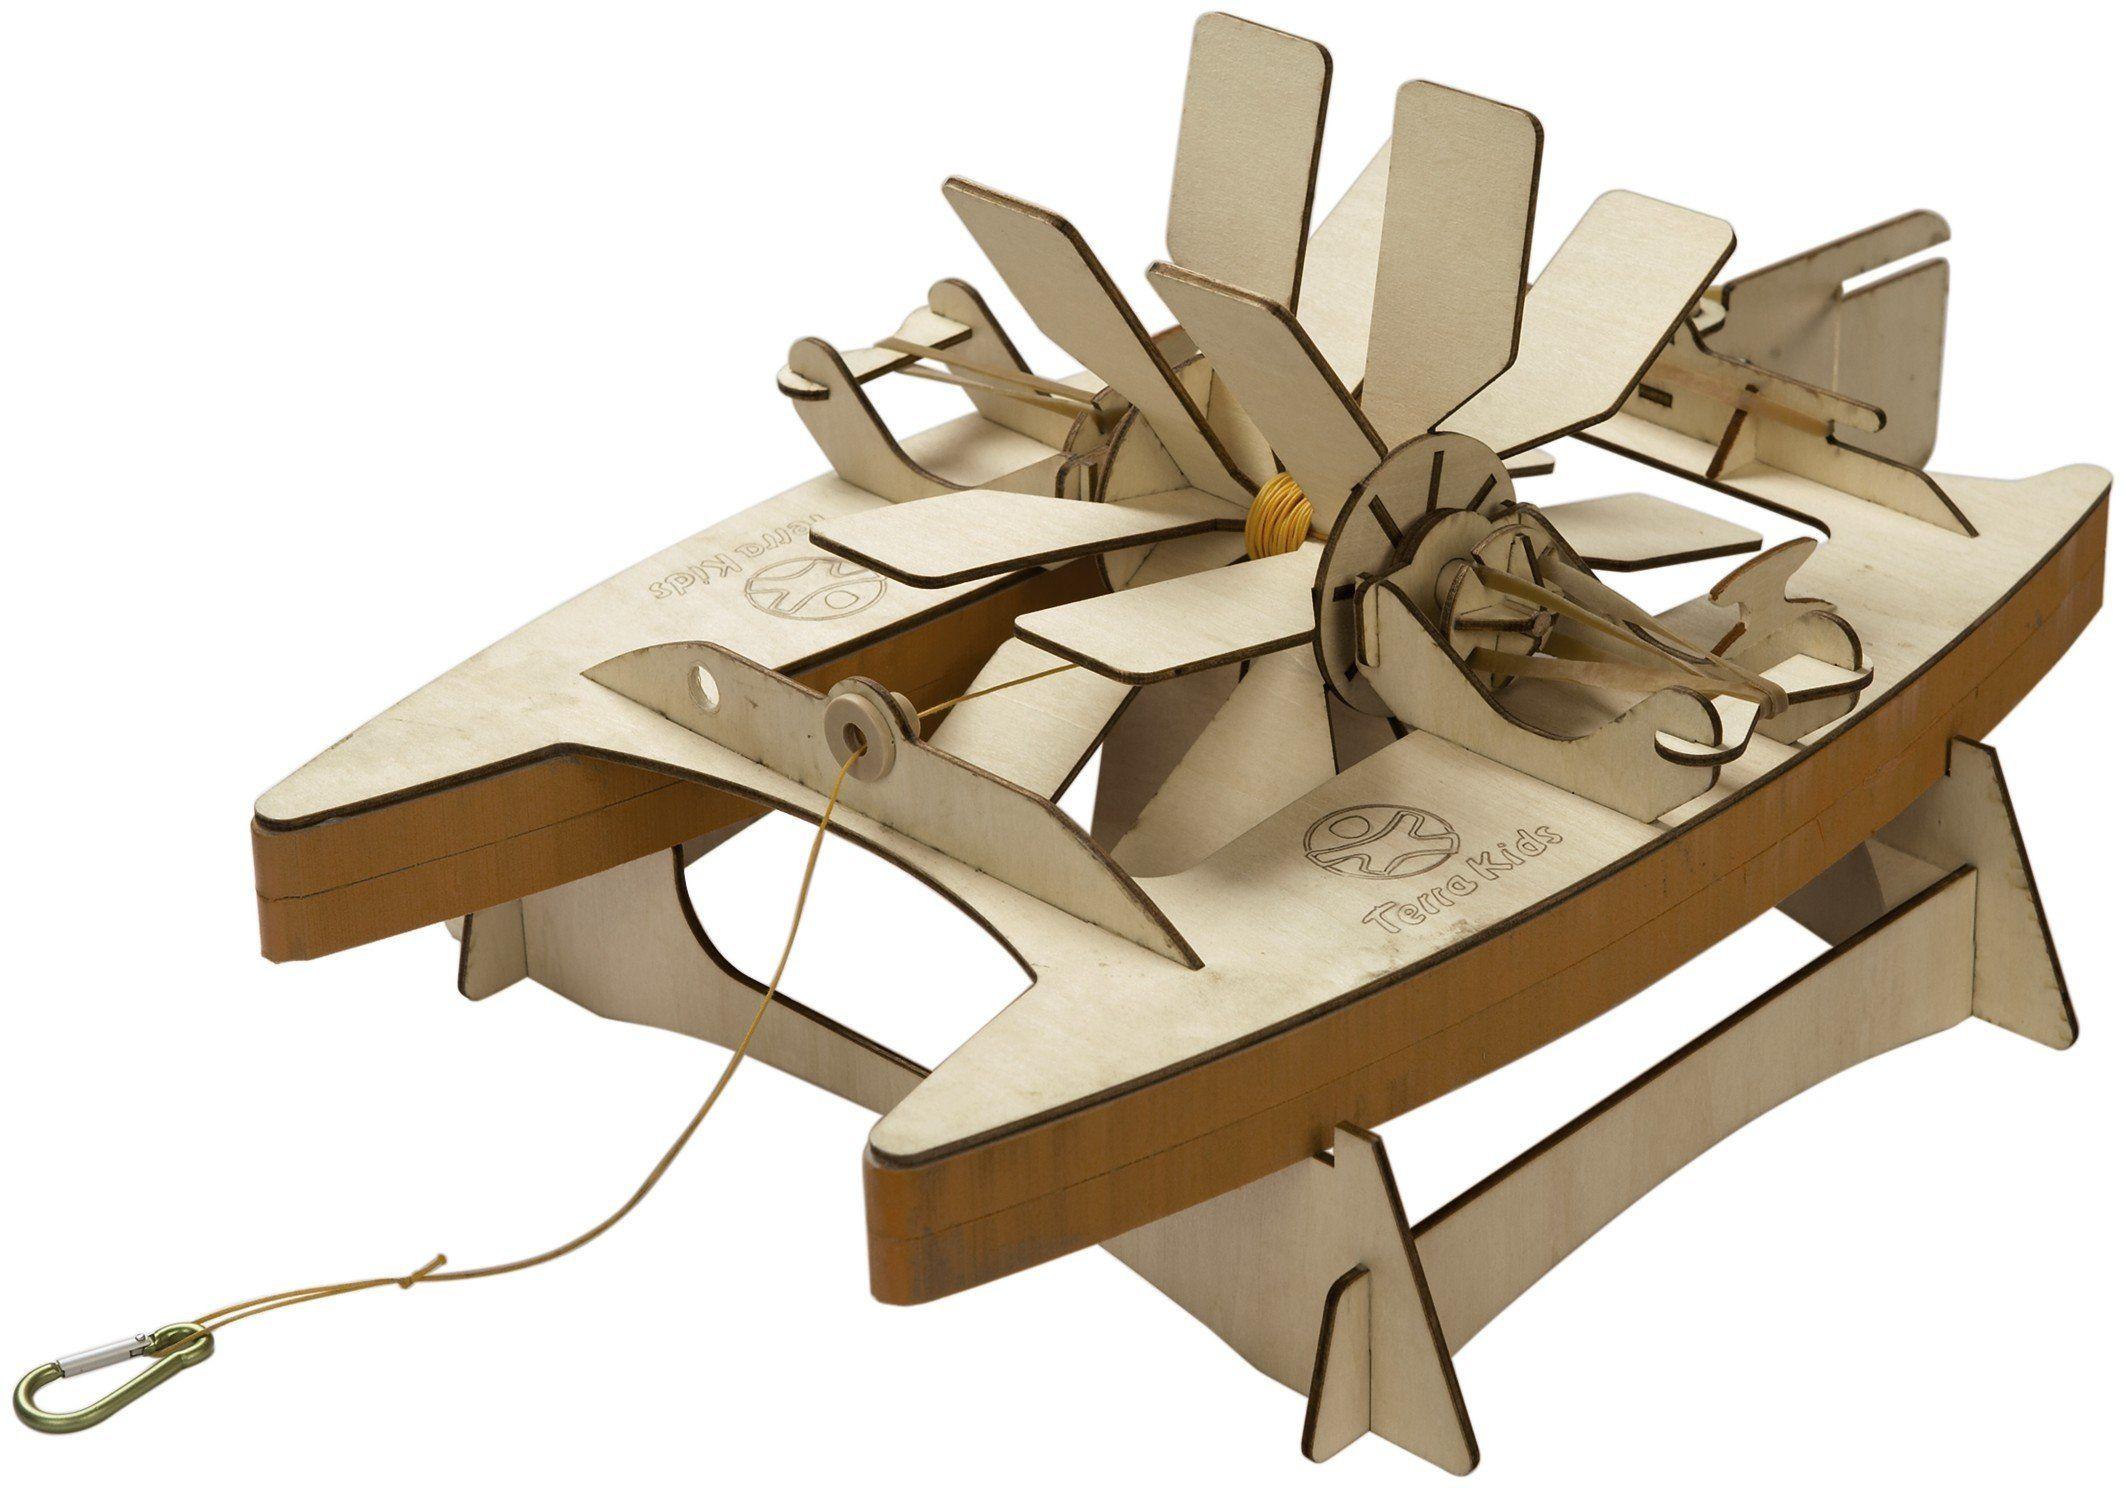 Catamarano da costruire in legno di haba un bel regalo - Costruire un mobile in legno ...